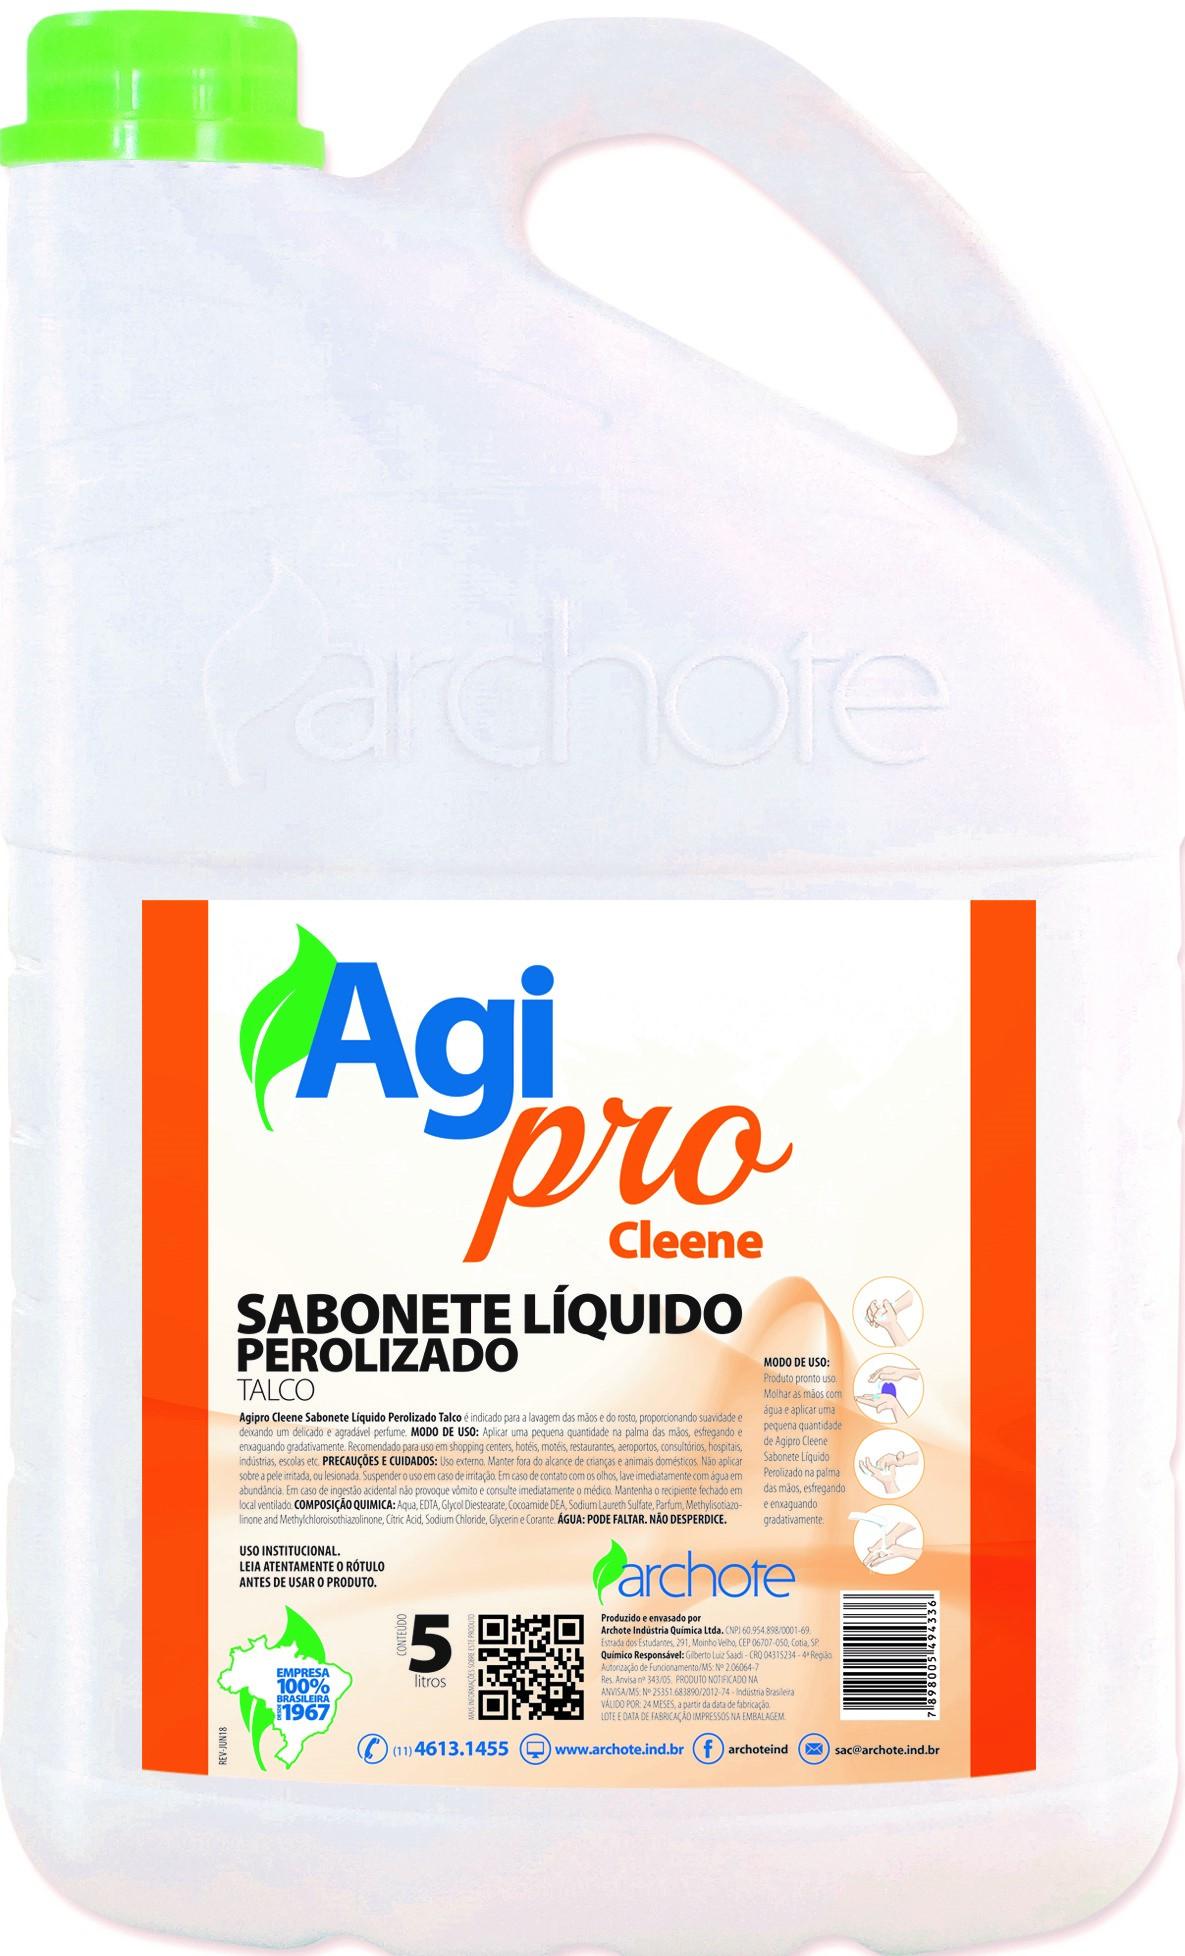 SABONETE LIQUIDO PEROLADO TALCO 5L AGI PRO CLEENE ARCHOTE